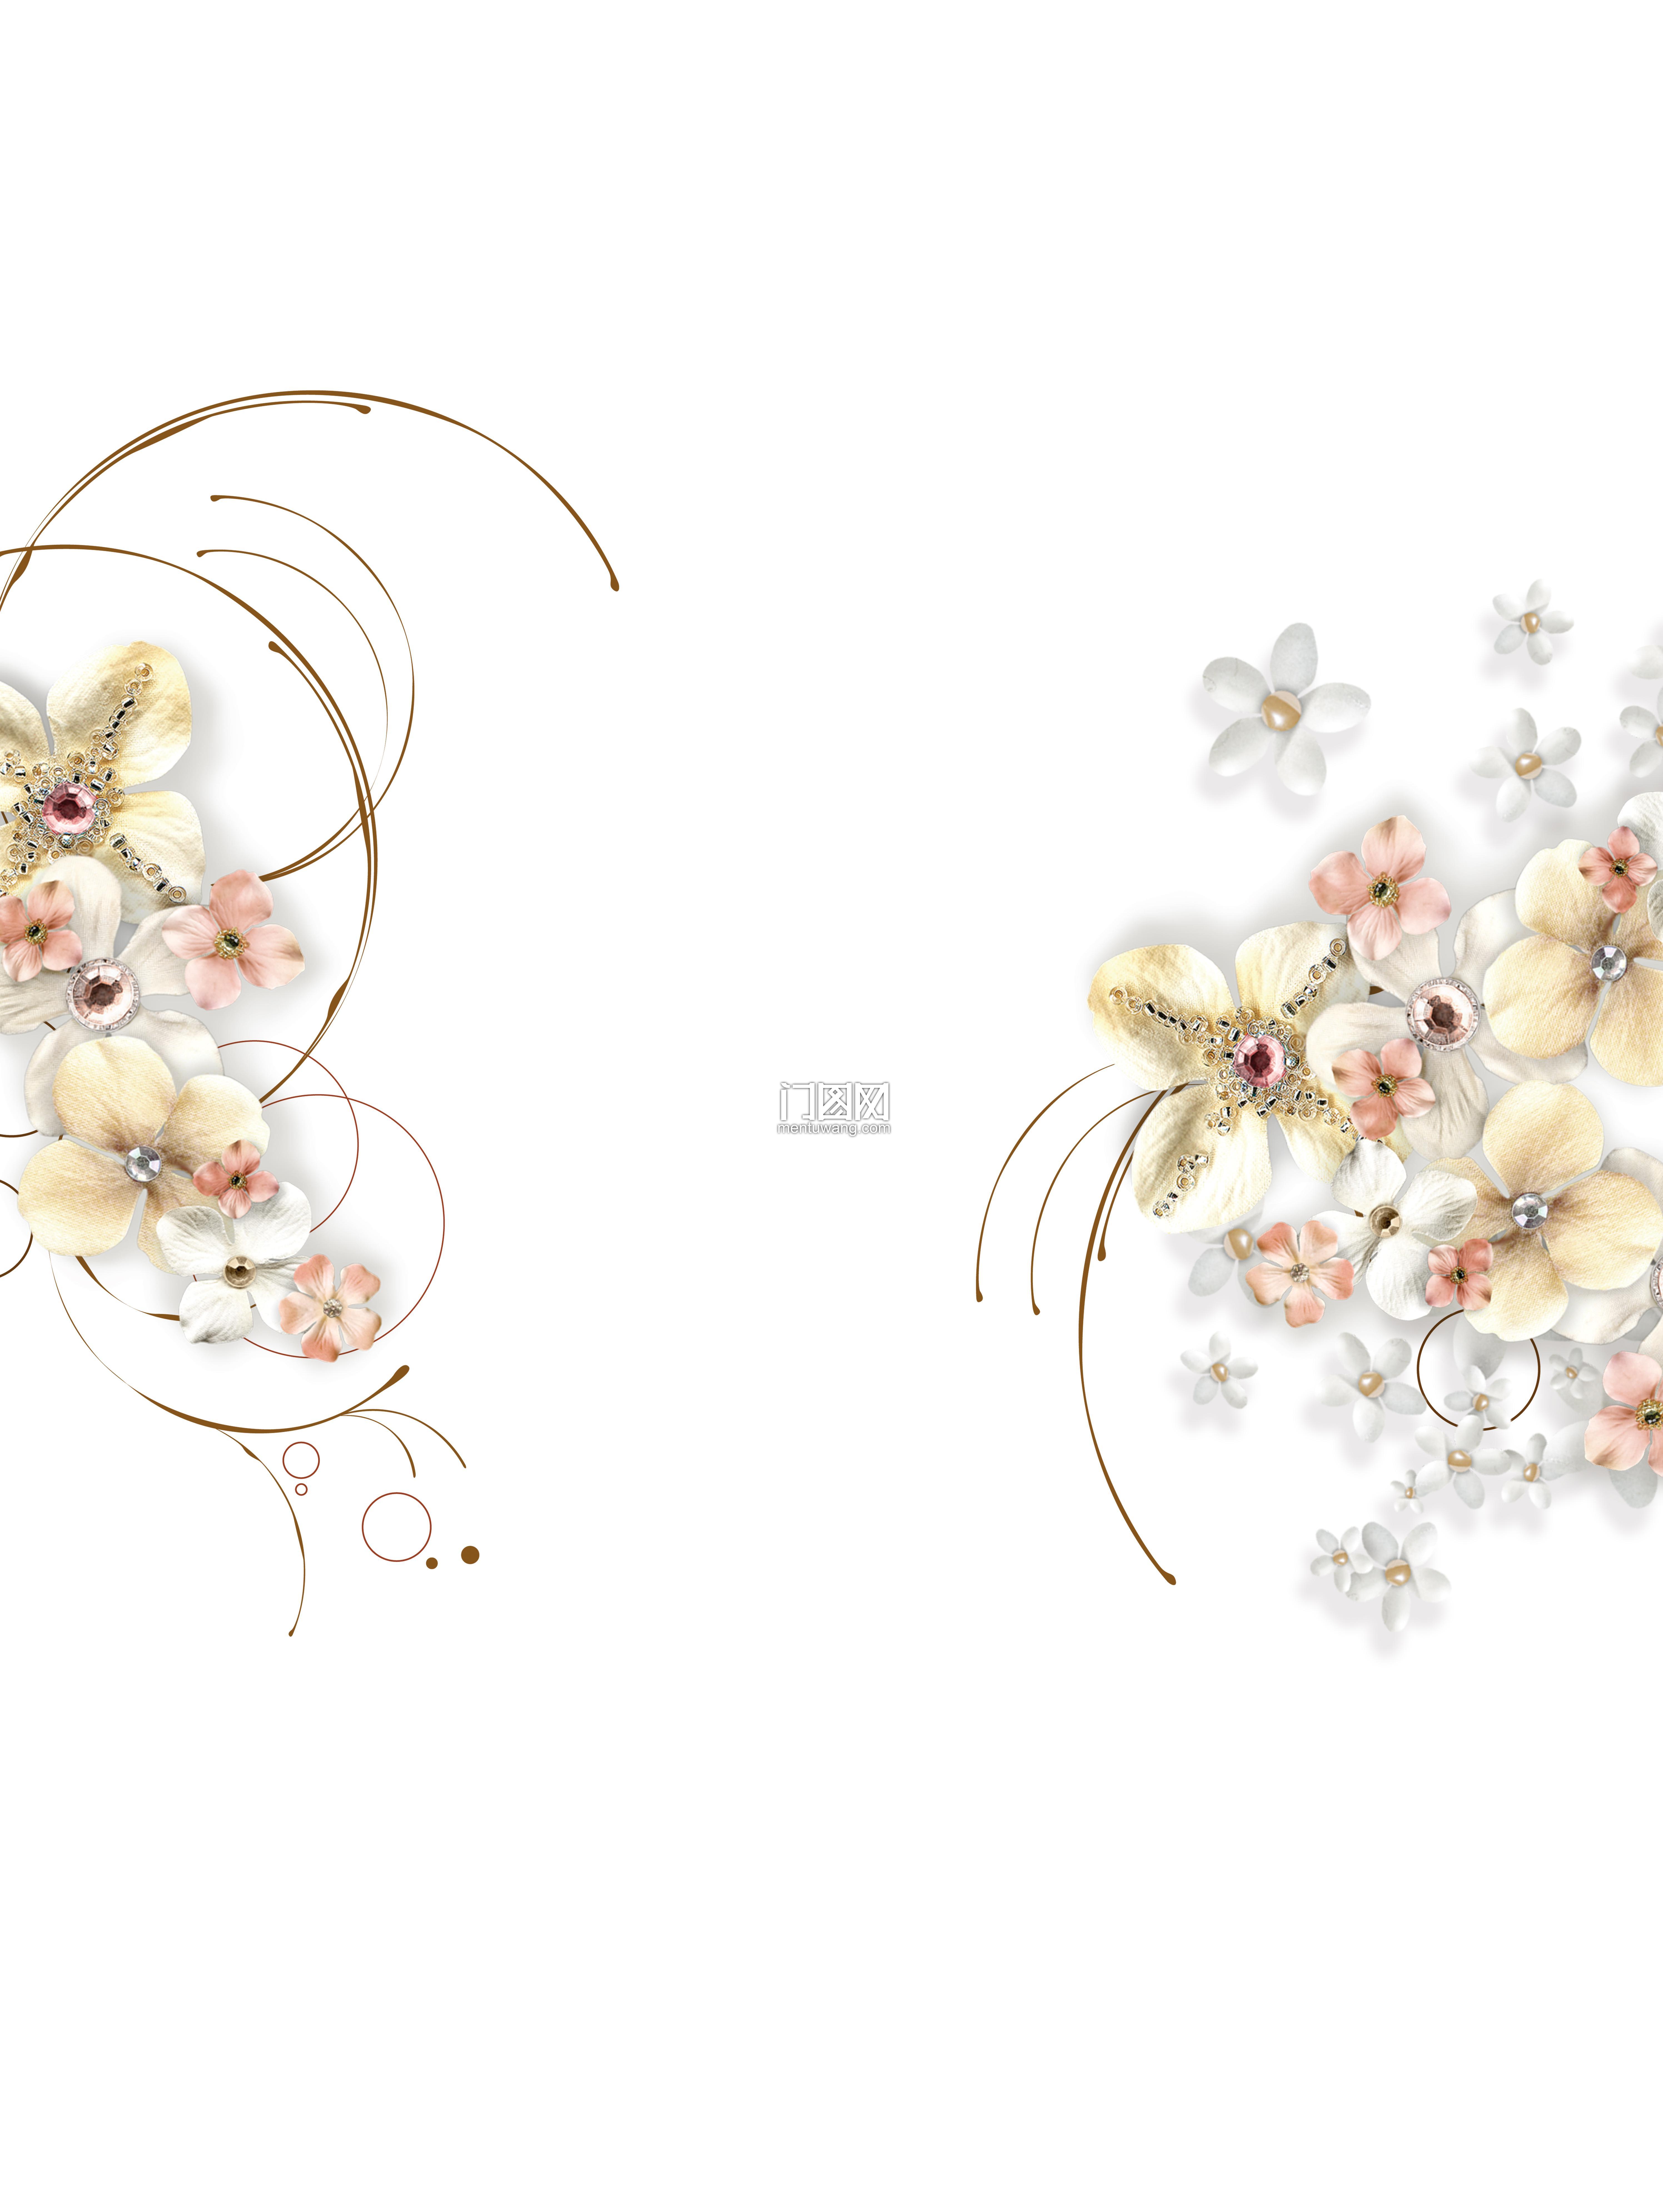 UA-001 冰雕花,皮雕花,移门腰线,纸花,吸塑花,打印花素材,木纹,镂空铝花 移门图,花纹,移门,衣柜滑门,图库